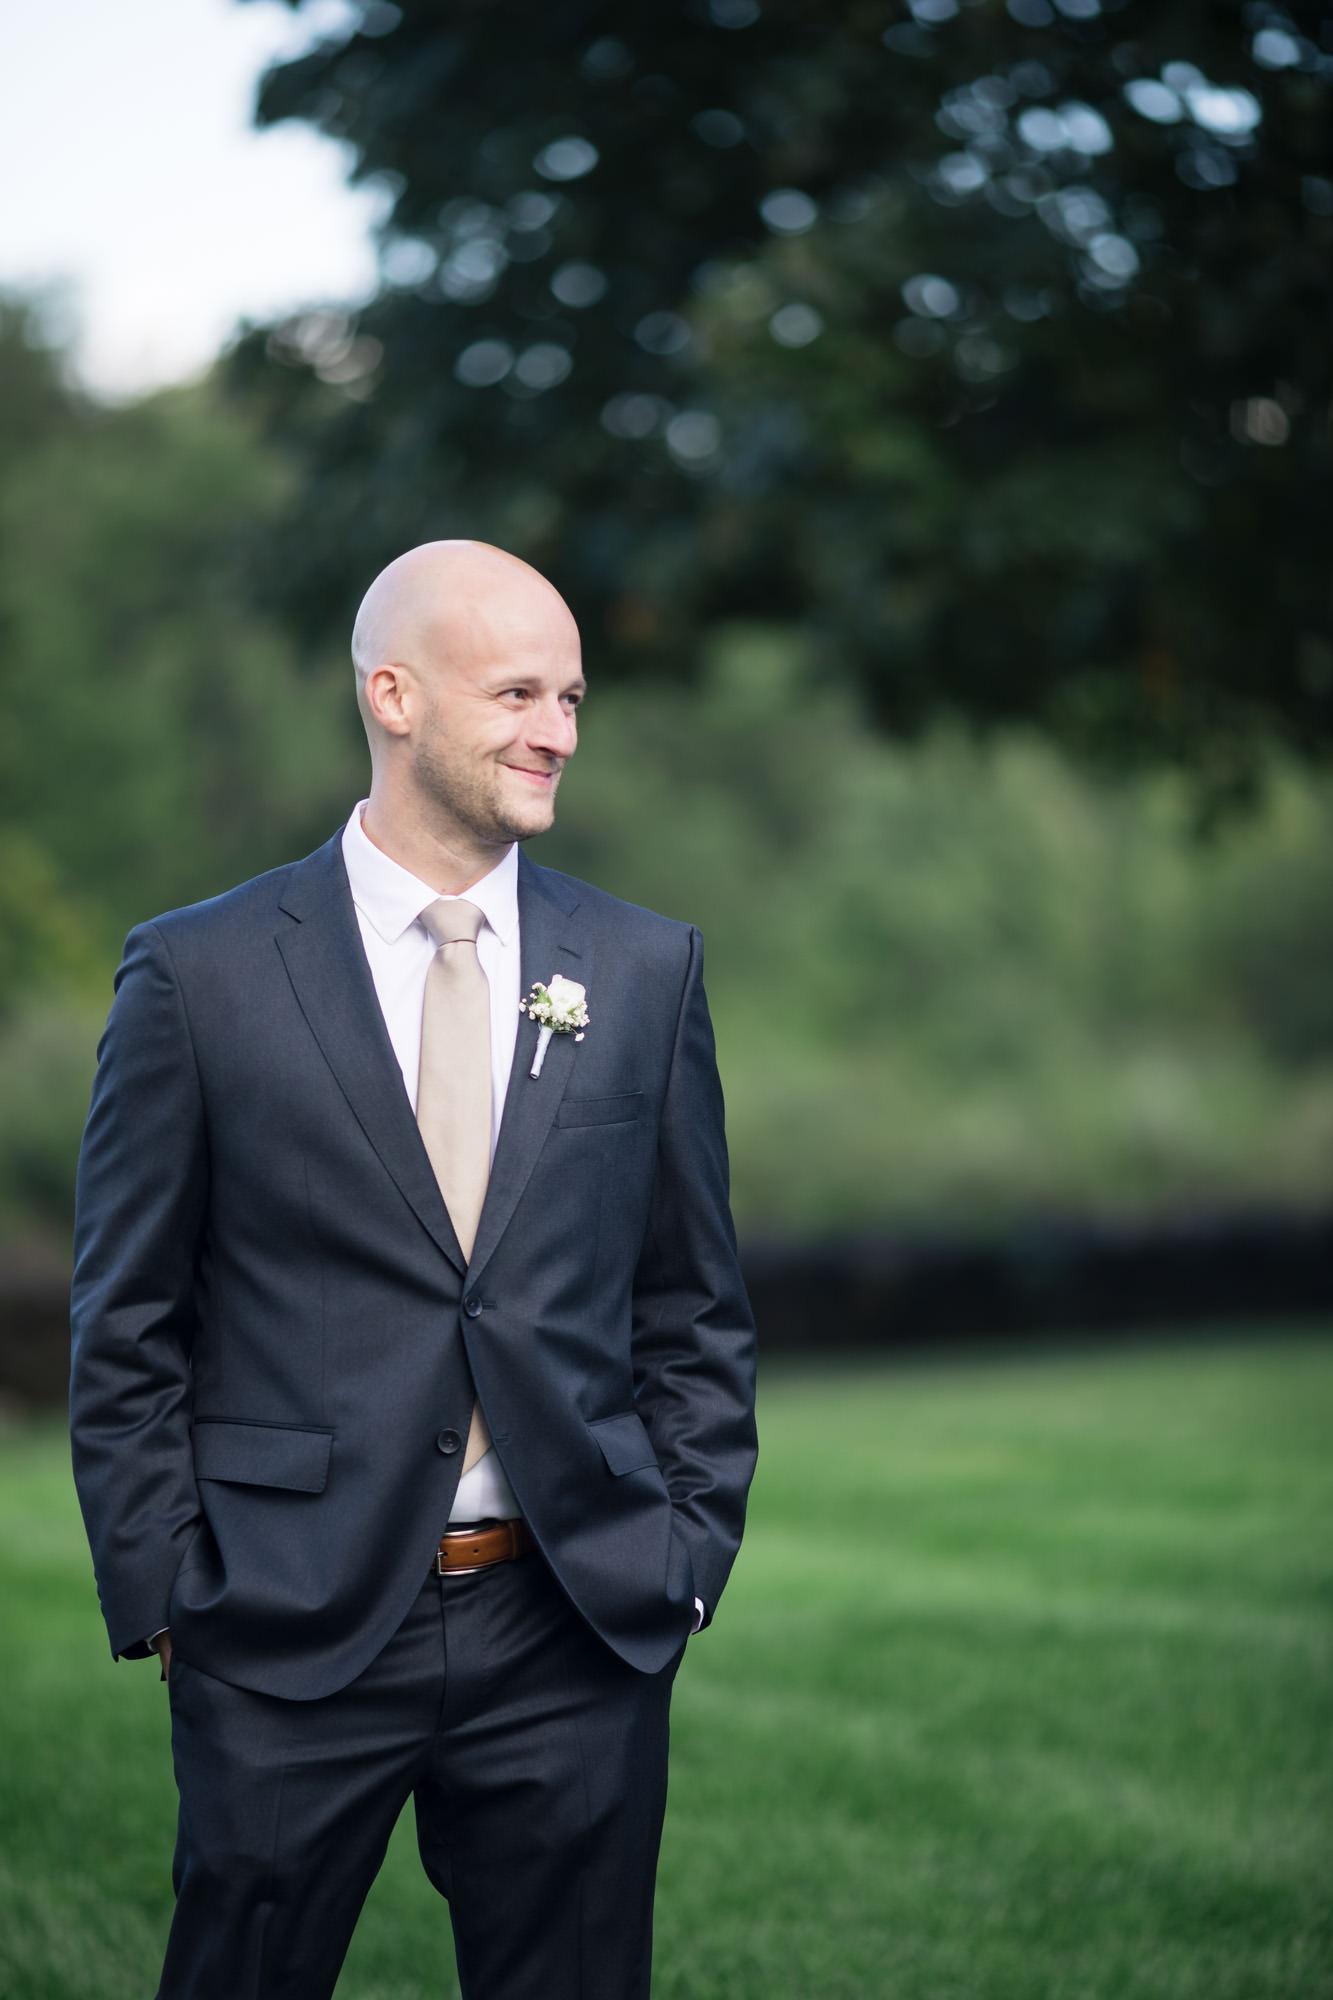 groom sees bride in aisle